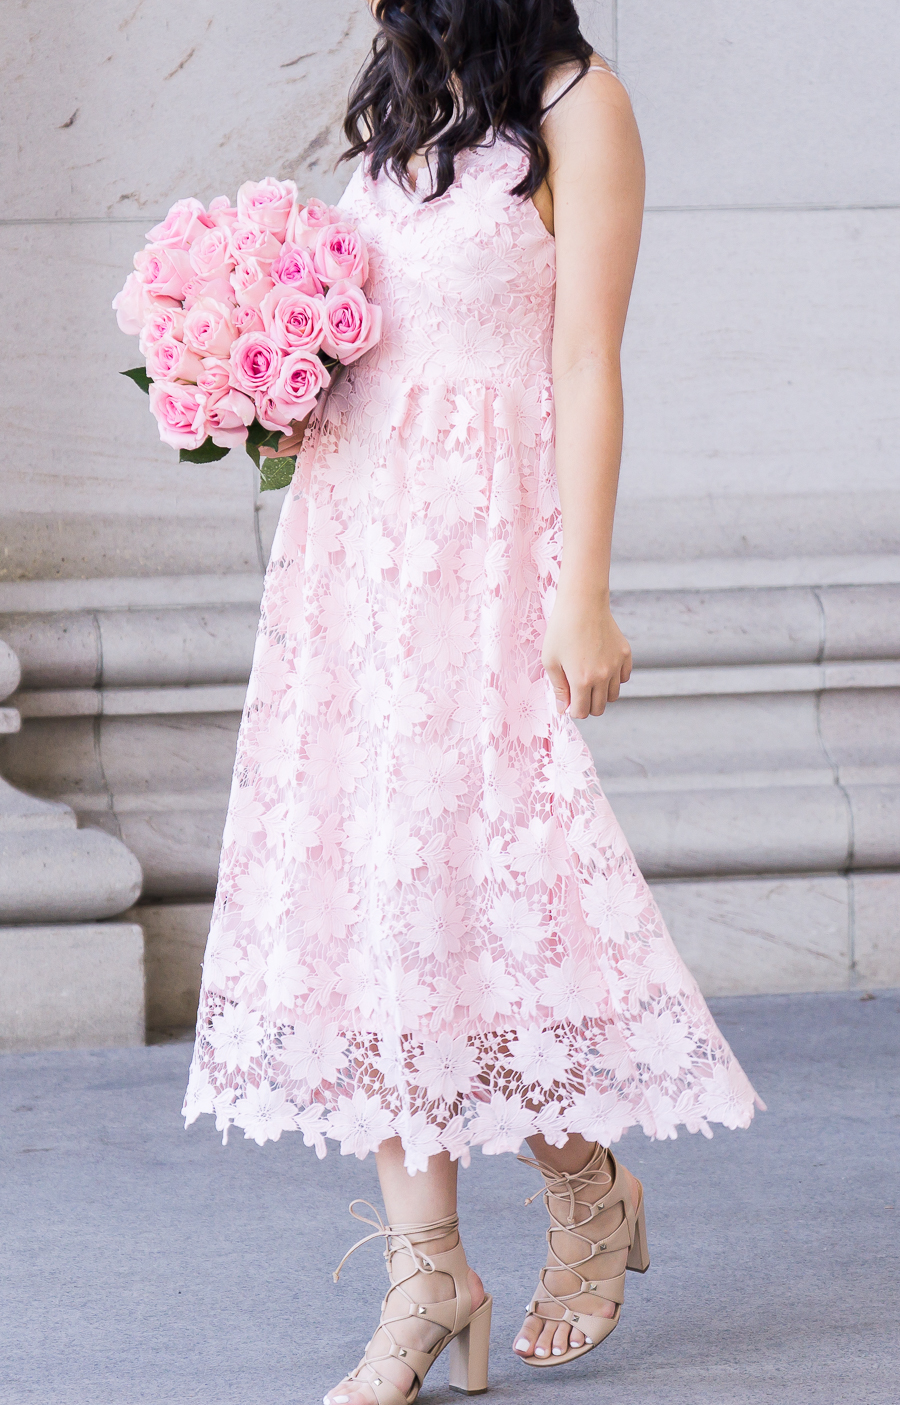 Pink Lace Dress | Just A Tina Bit